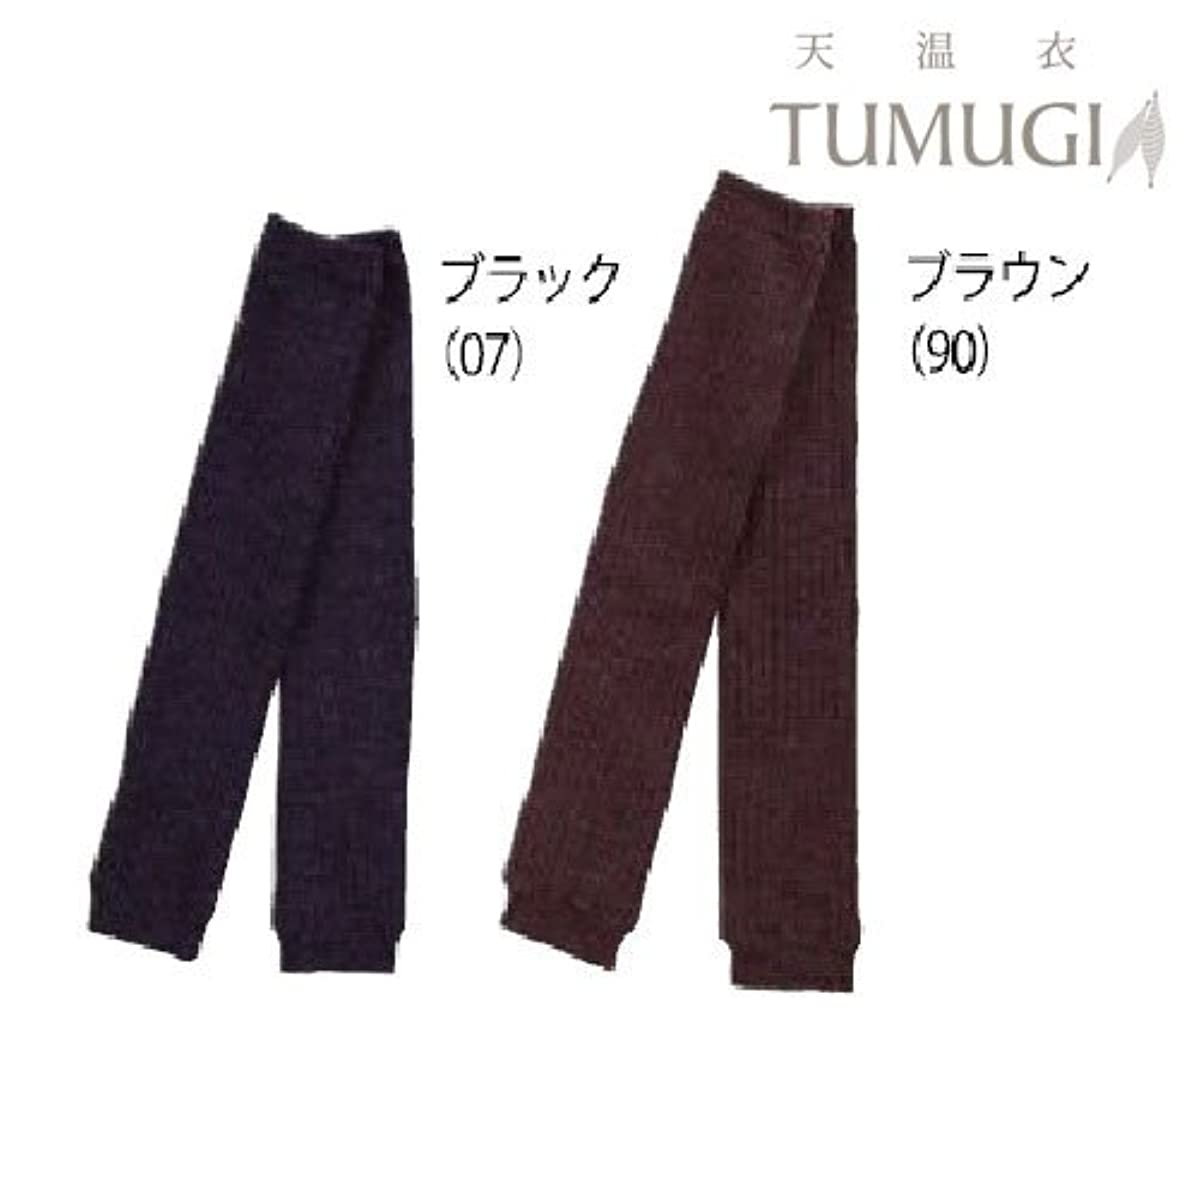 天温衣TUMUGI  ウールとシルクの2重編みレッグウォーマー (ブラウン(茶))